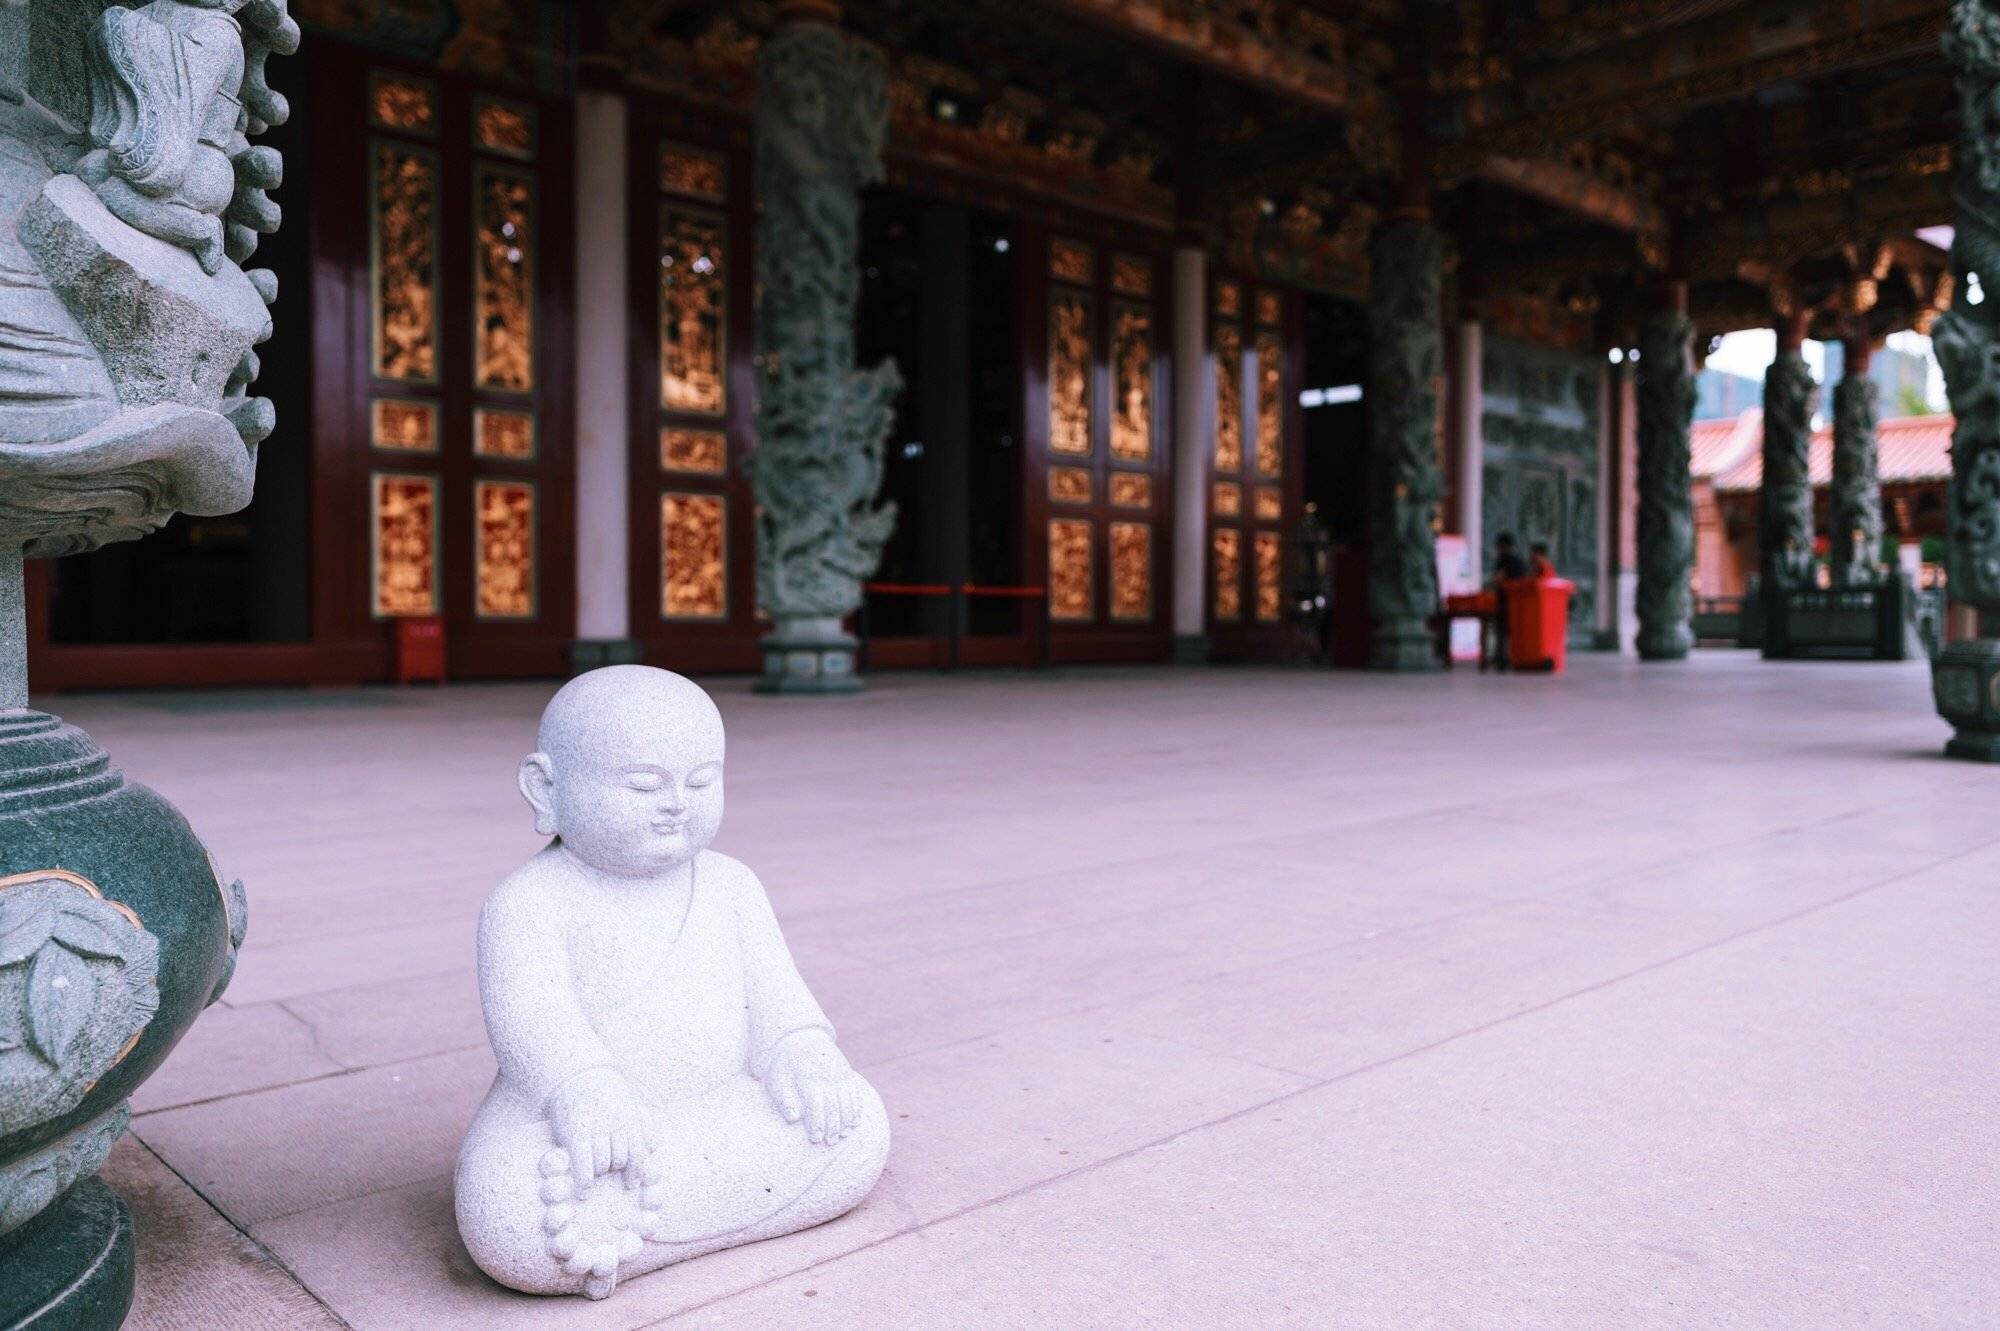 昆山慧聚寺,至今1500多年历史的古寺,华东规模最大的妈祖庙